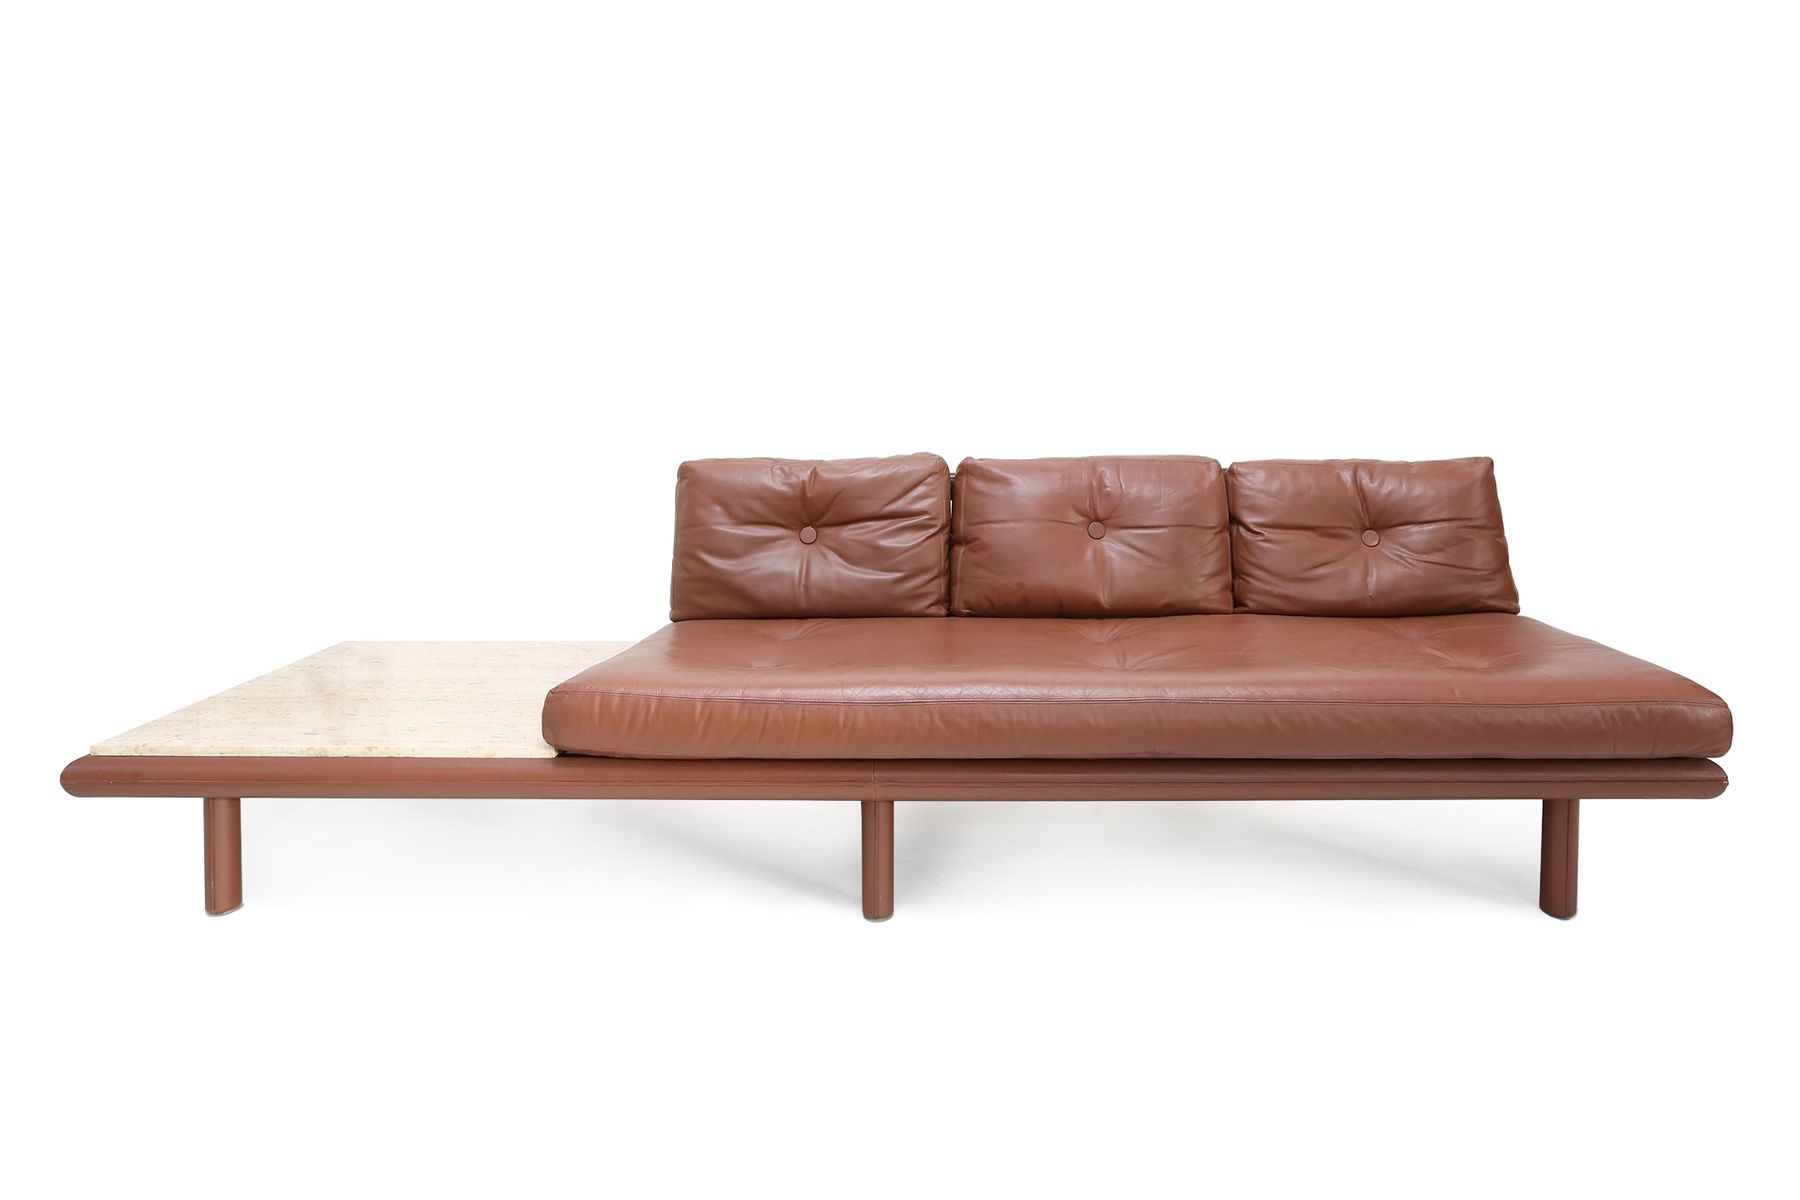 vintage l shaped sofa from de sede for sale at pamono. Black Bedroom Furniture Sets. Home Design Ideas